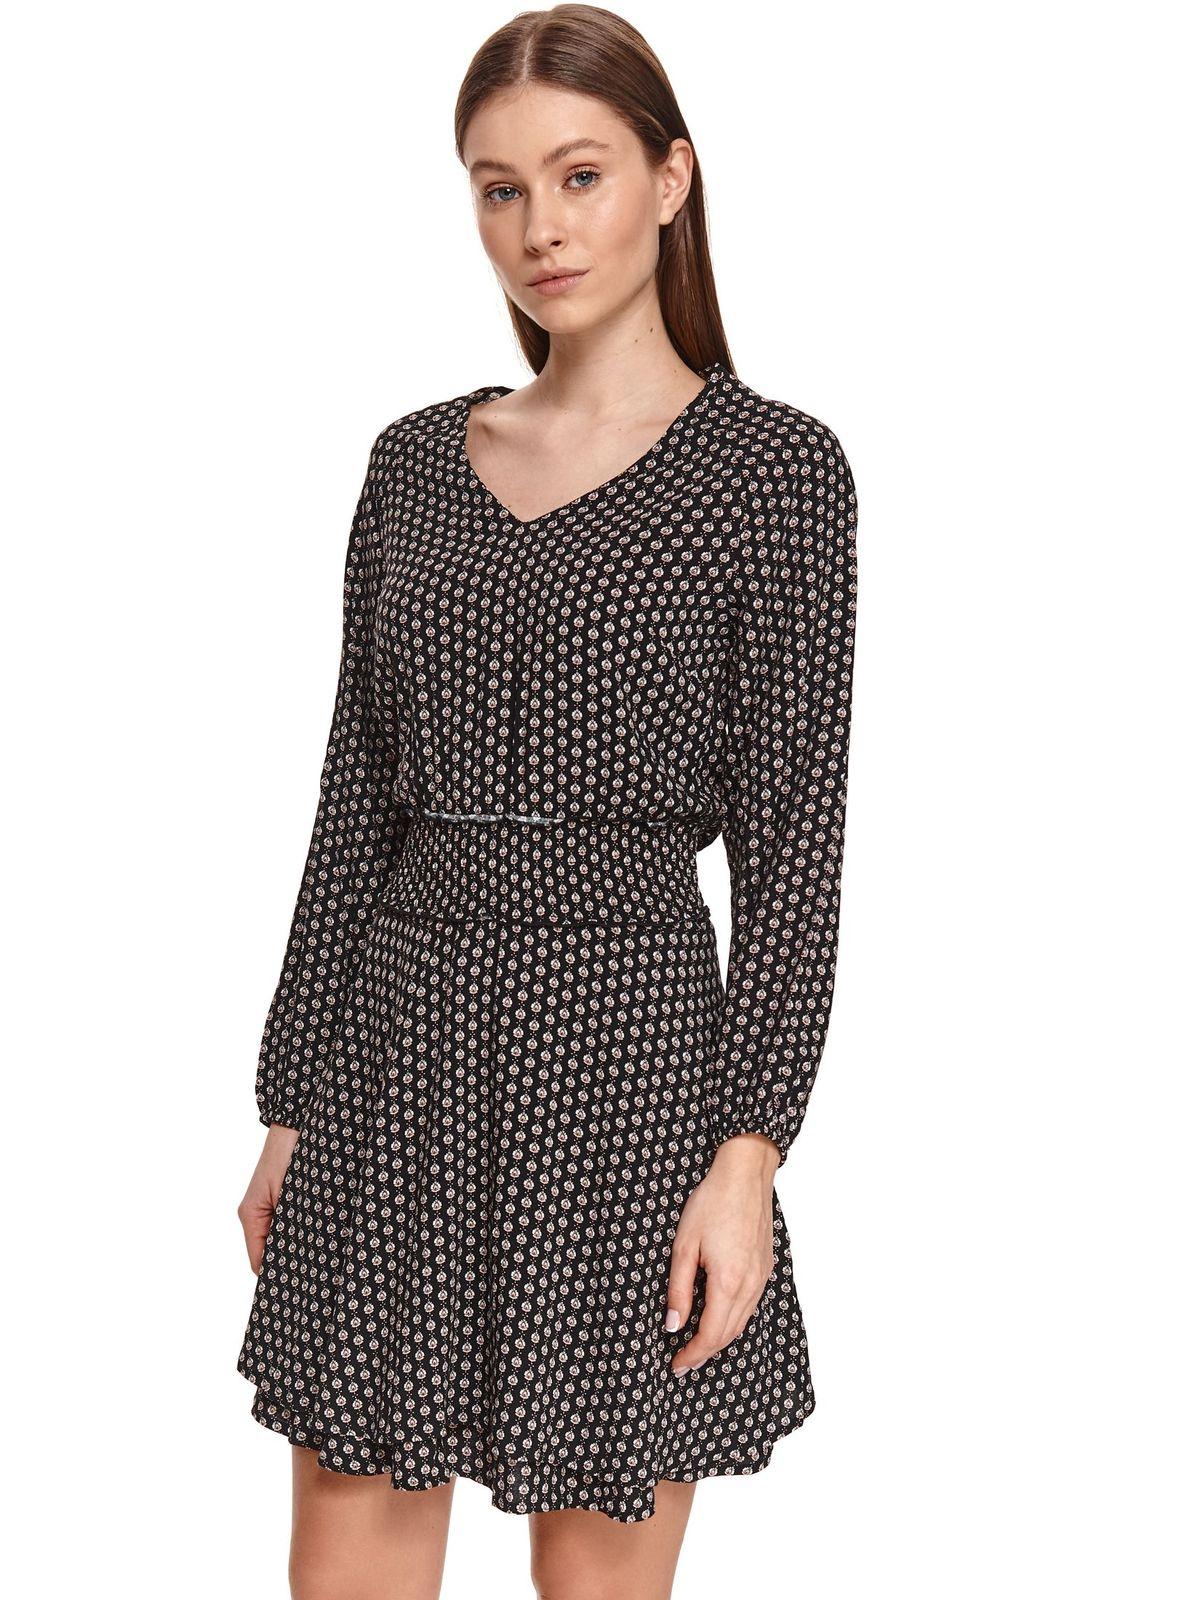 Black dress short cut long sleeved with v-neckline